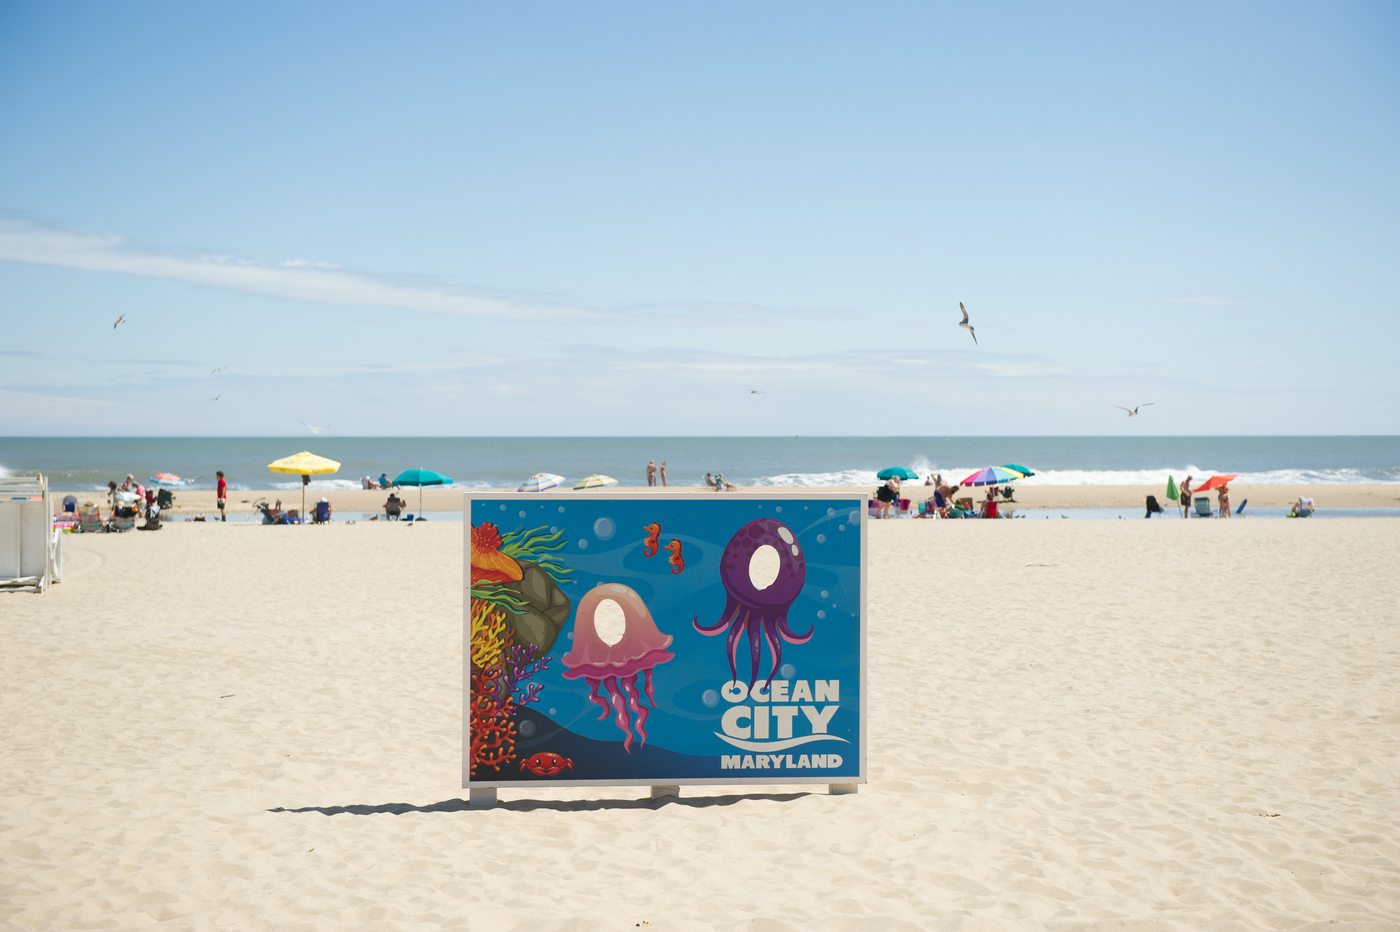 oceancity-11.jpg